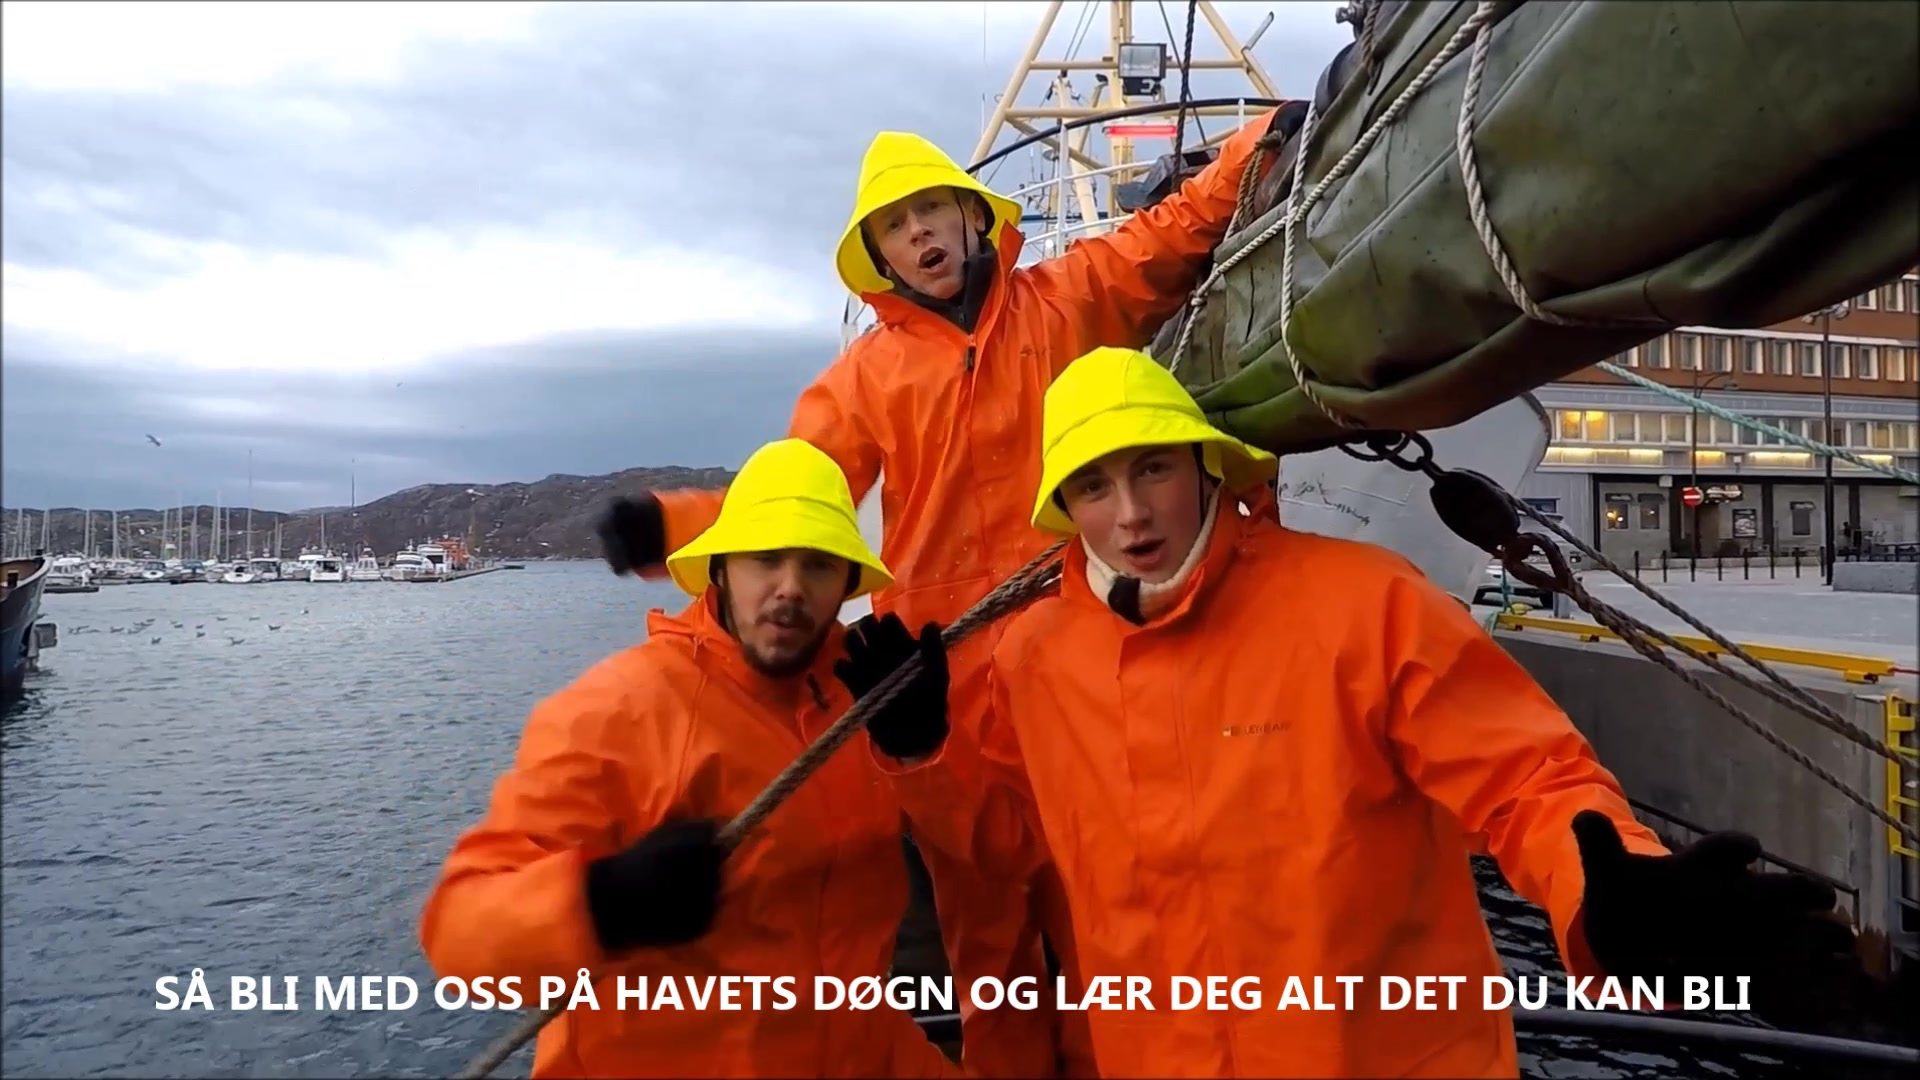 Andreas fra Fauske bidro til Se laksen-video